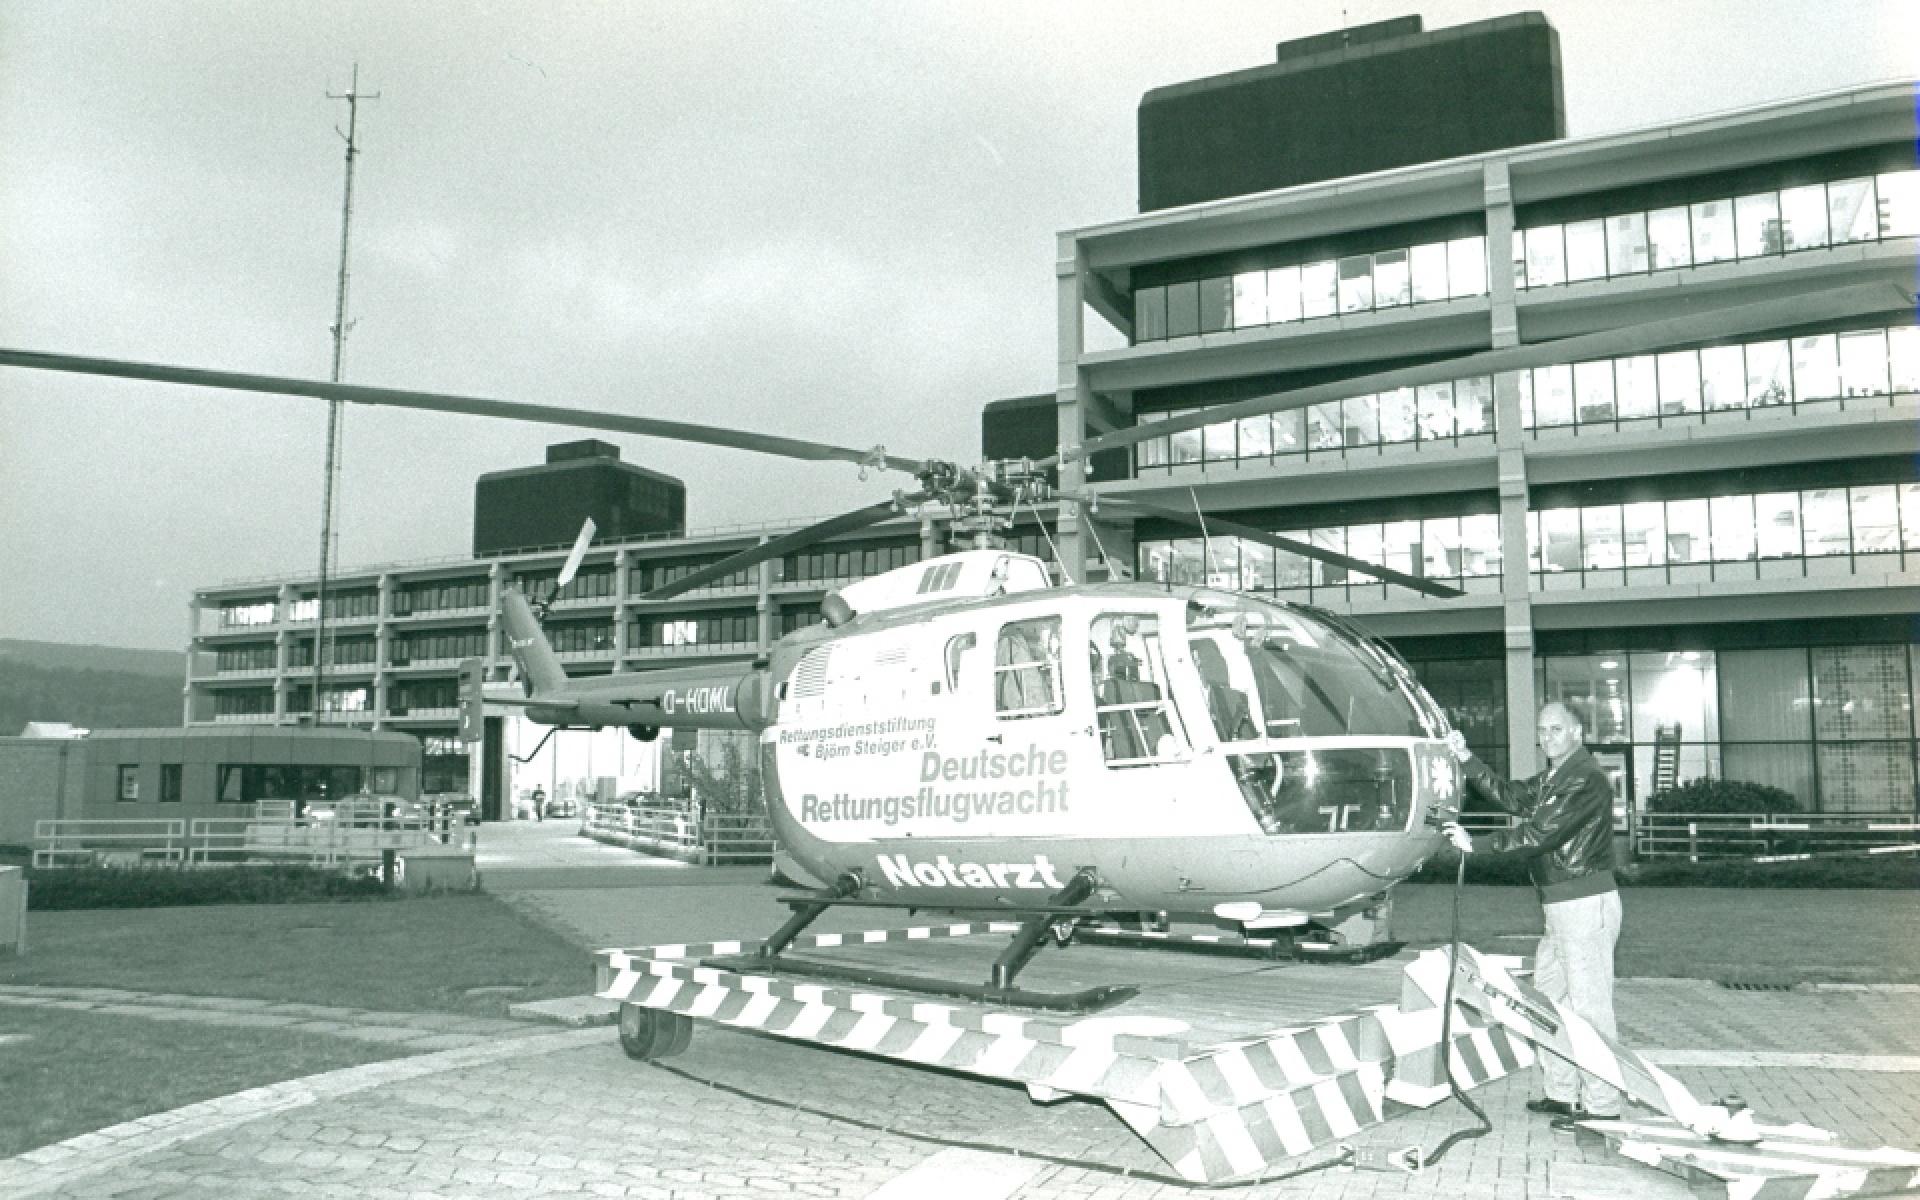 Bei der Feierstunde wurde auch an den inzwischen verstorbenen Jürgen Richter erinnert, der als Stationsleiter und Pilot maßgeblich am damaligen Aufbau beteiligt war.